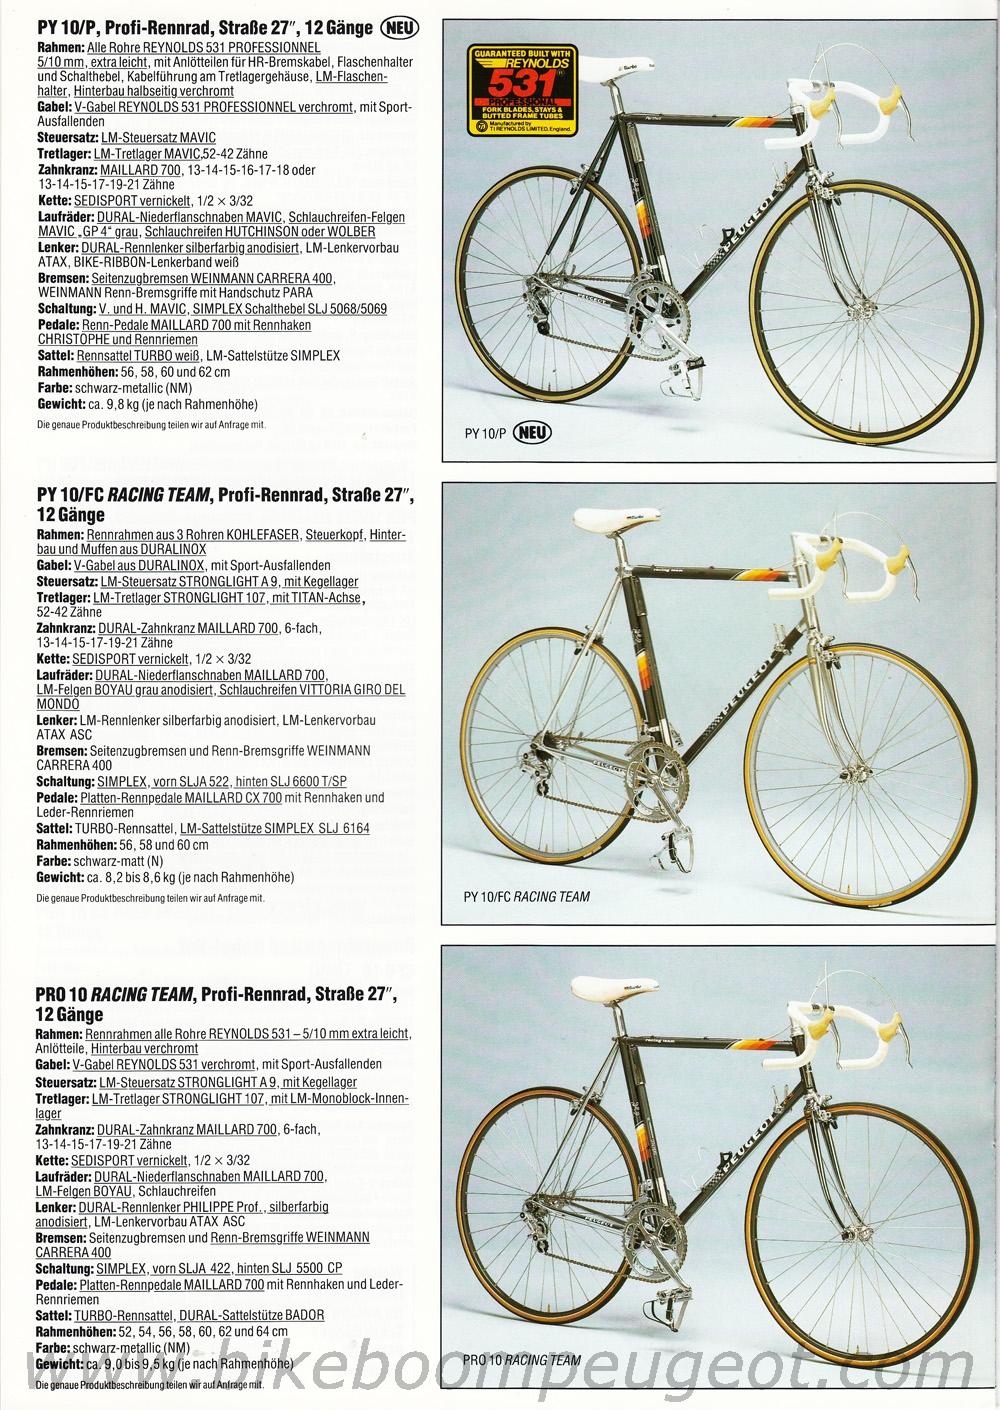 10 bicicletas míticas 2epkhut